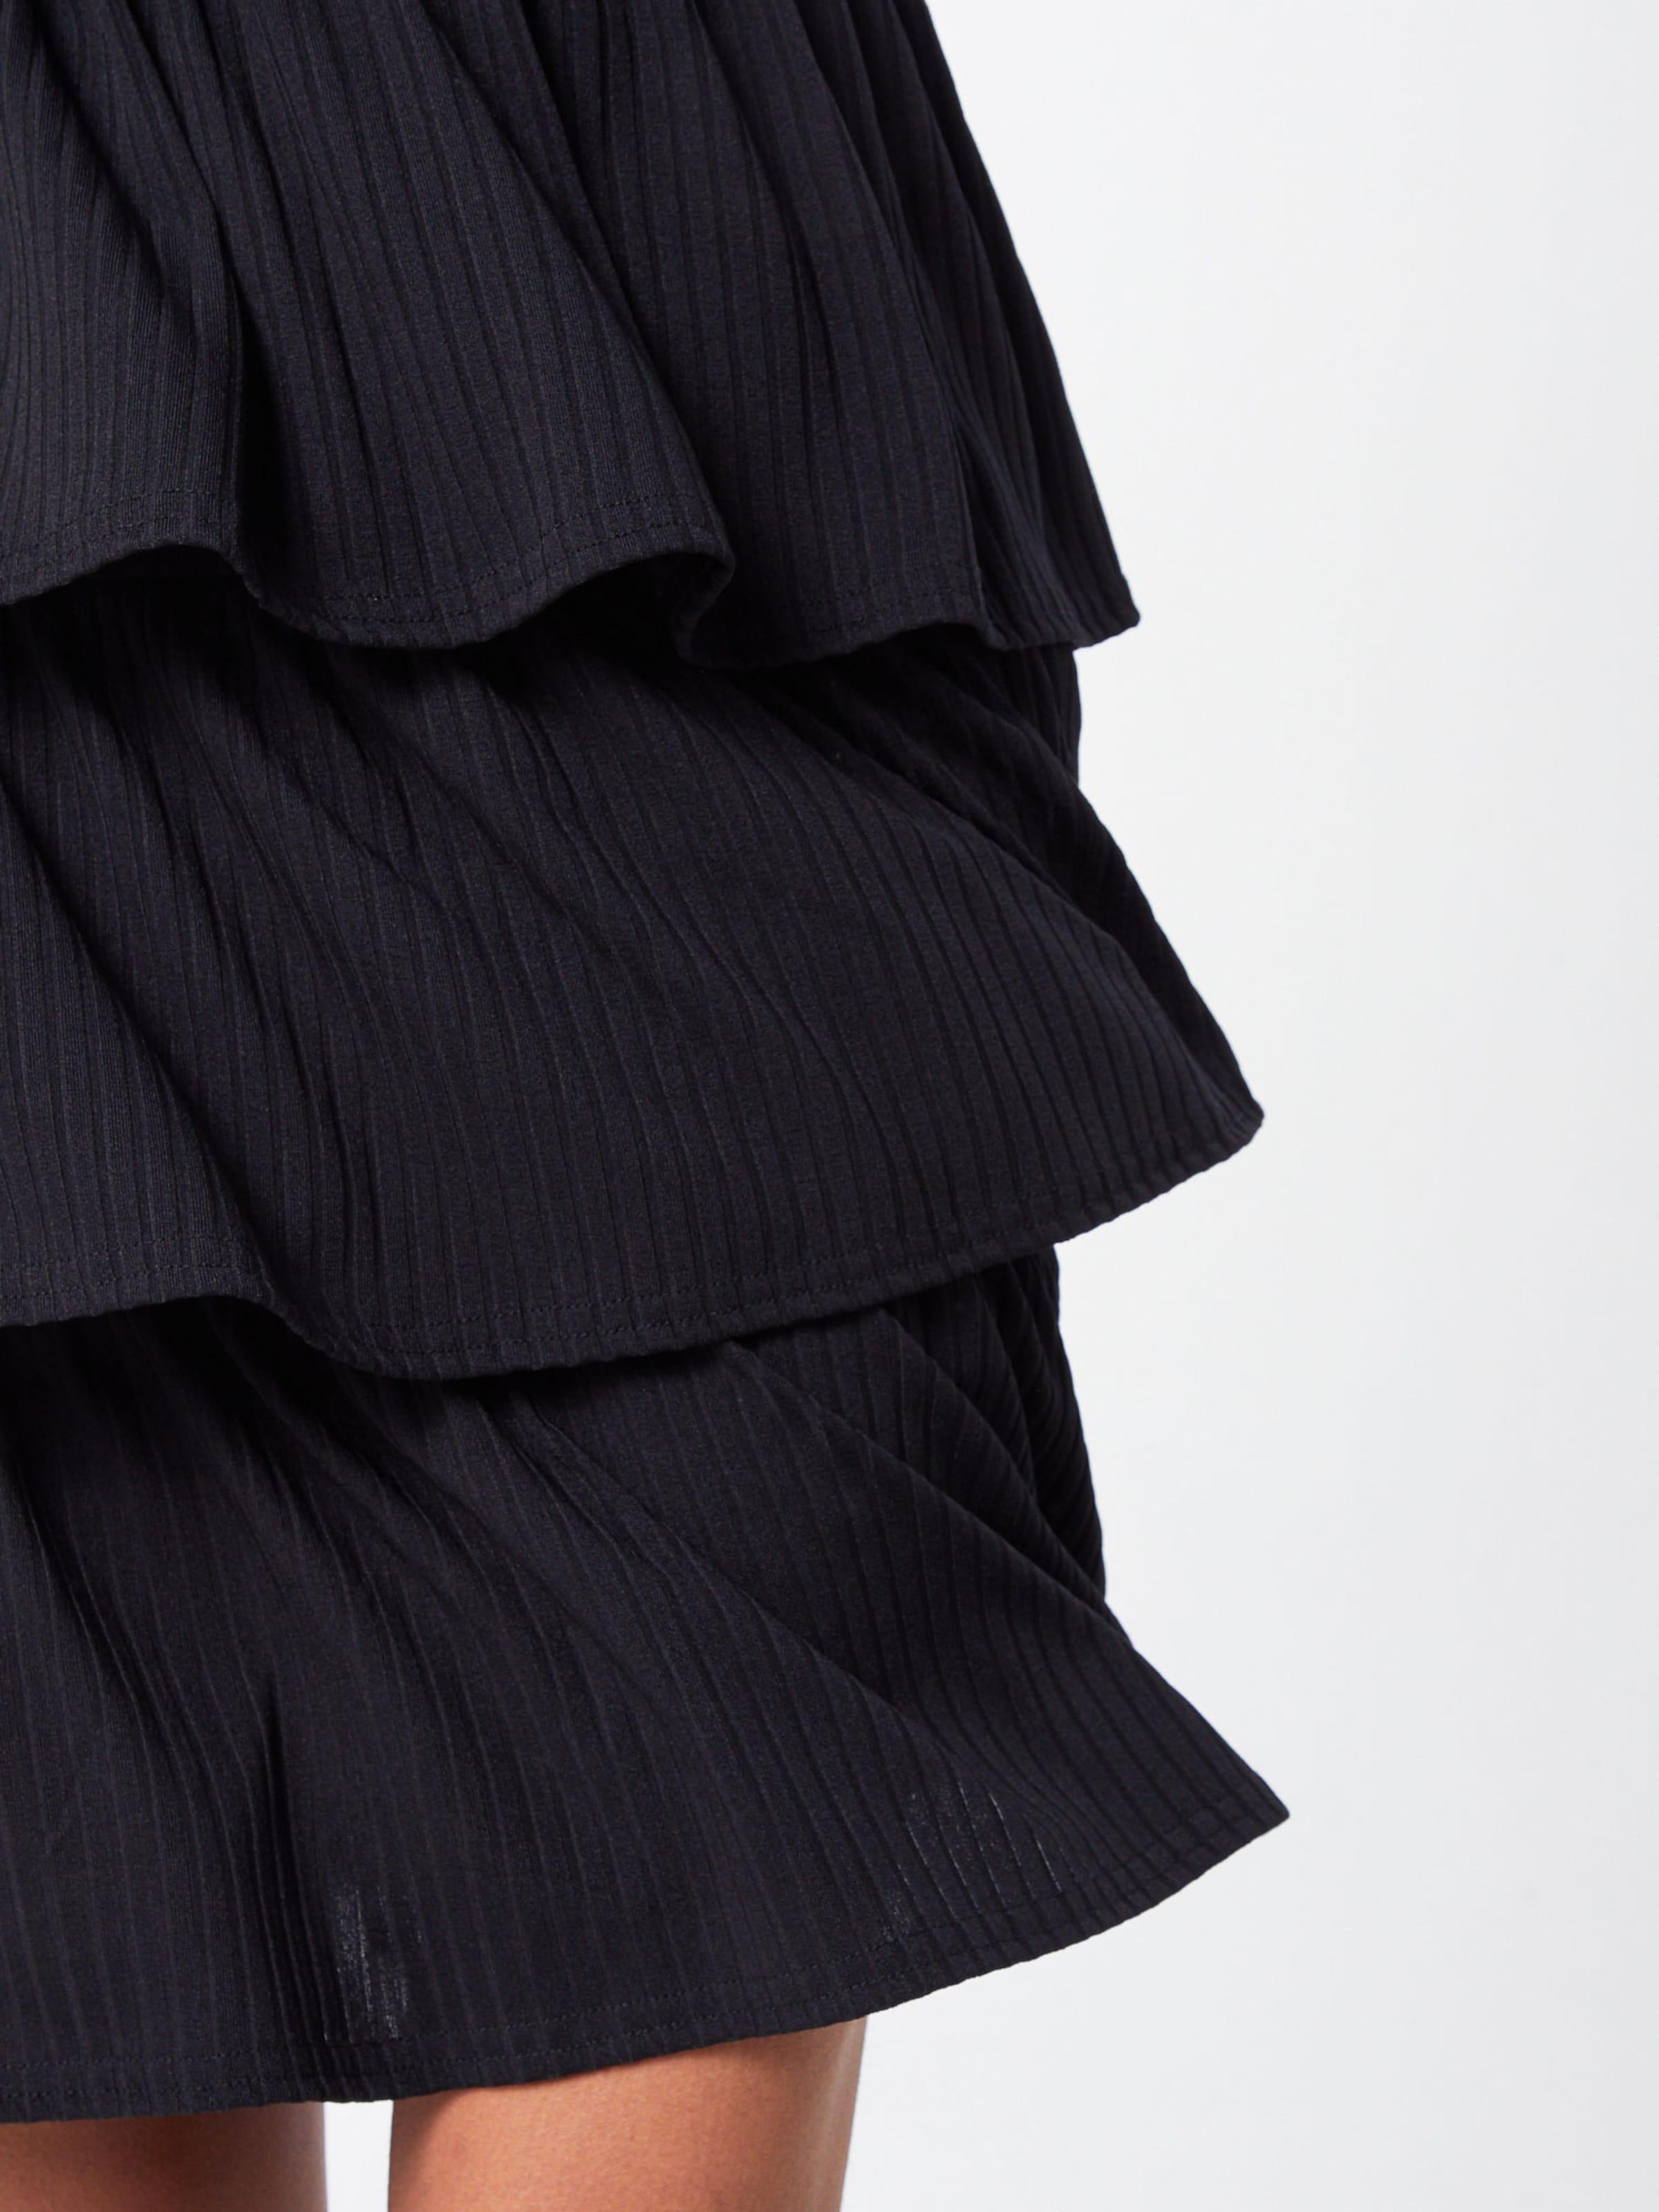 Noir Sisters Robe En dr' Point 'cris HIWE2D9